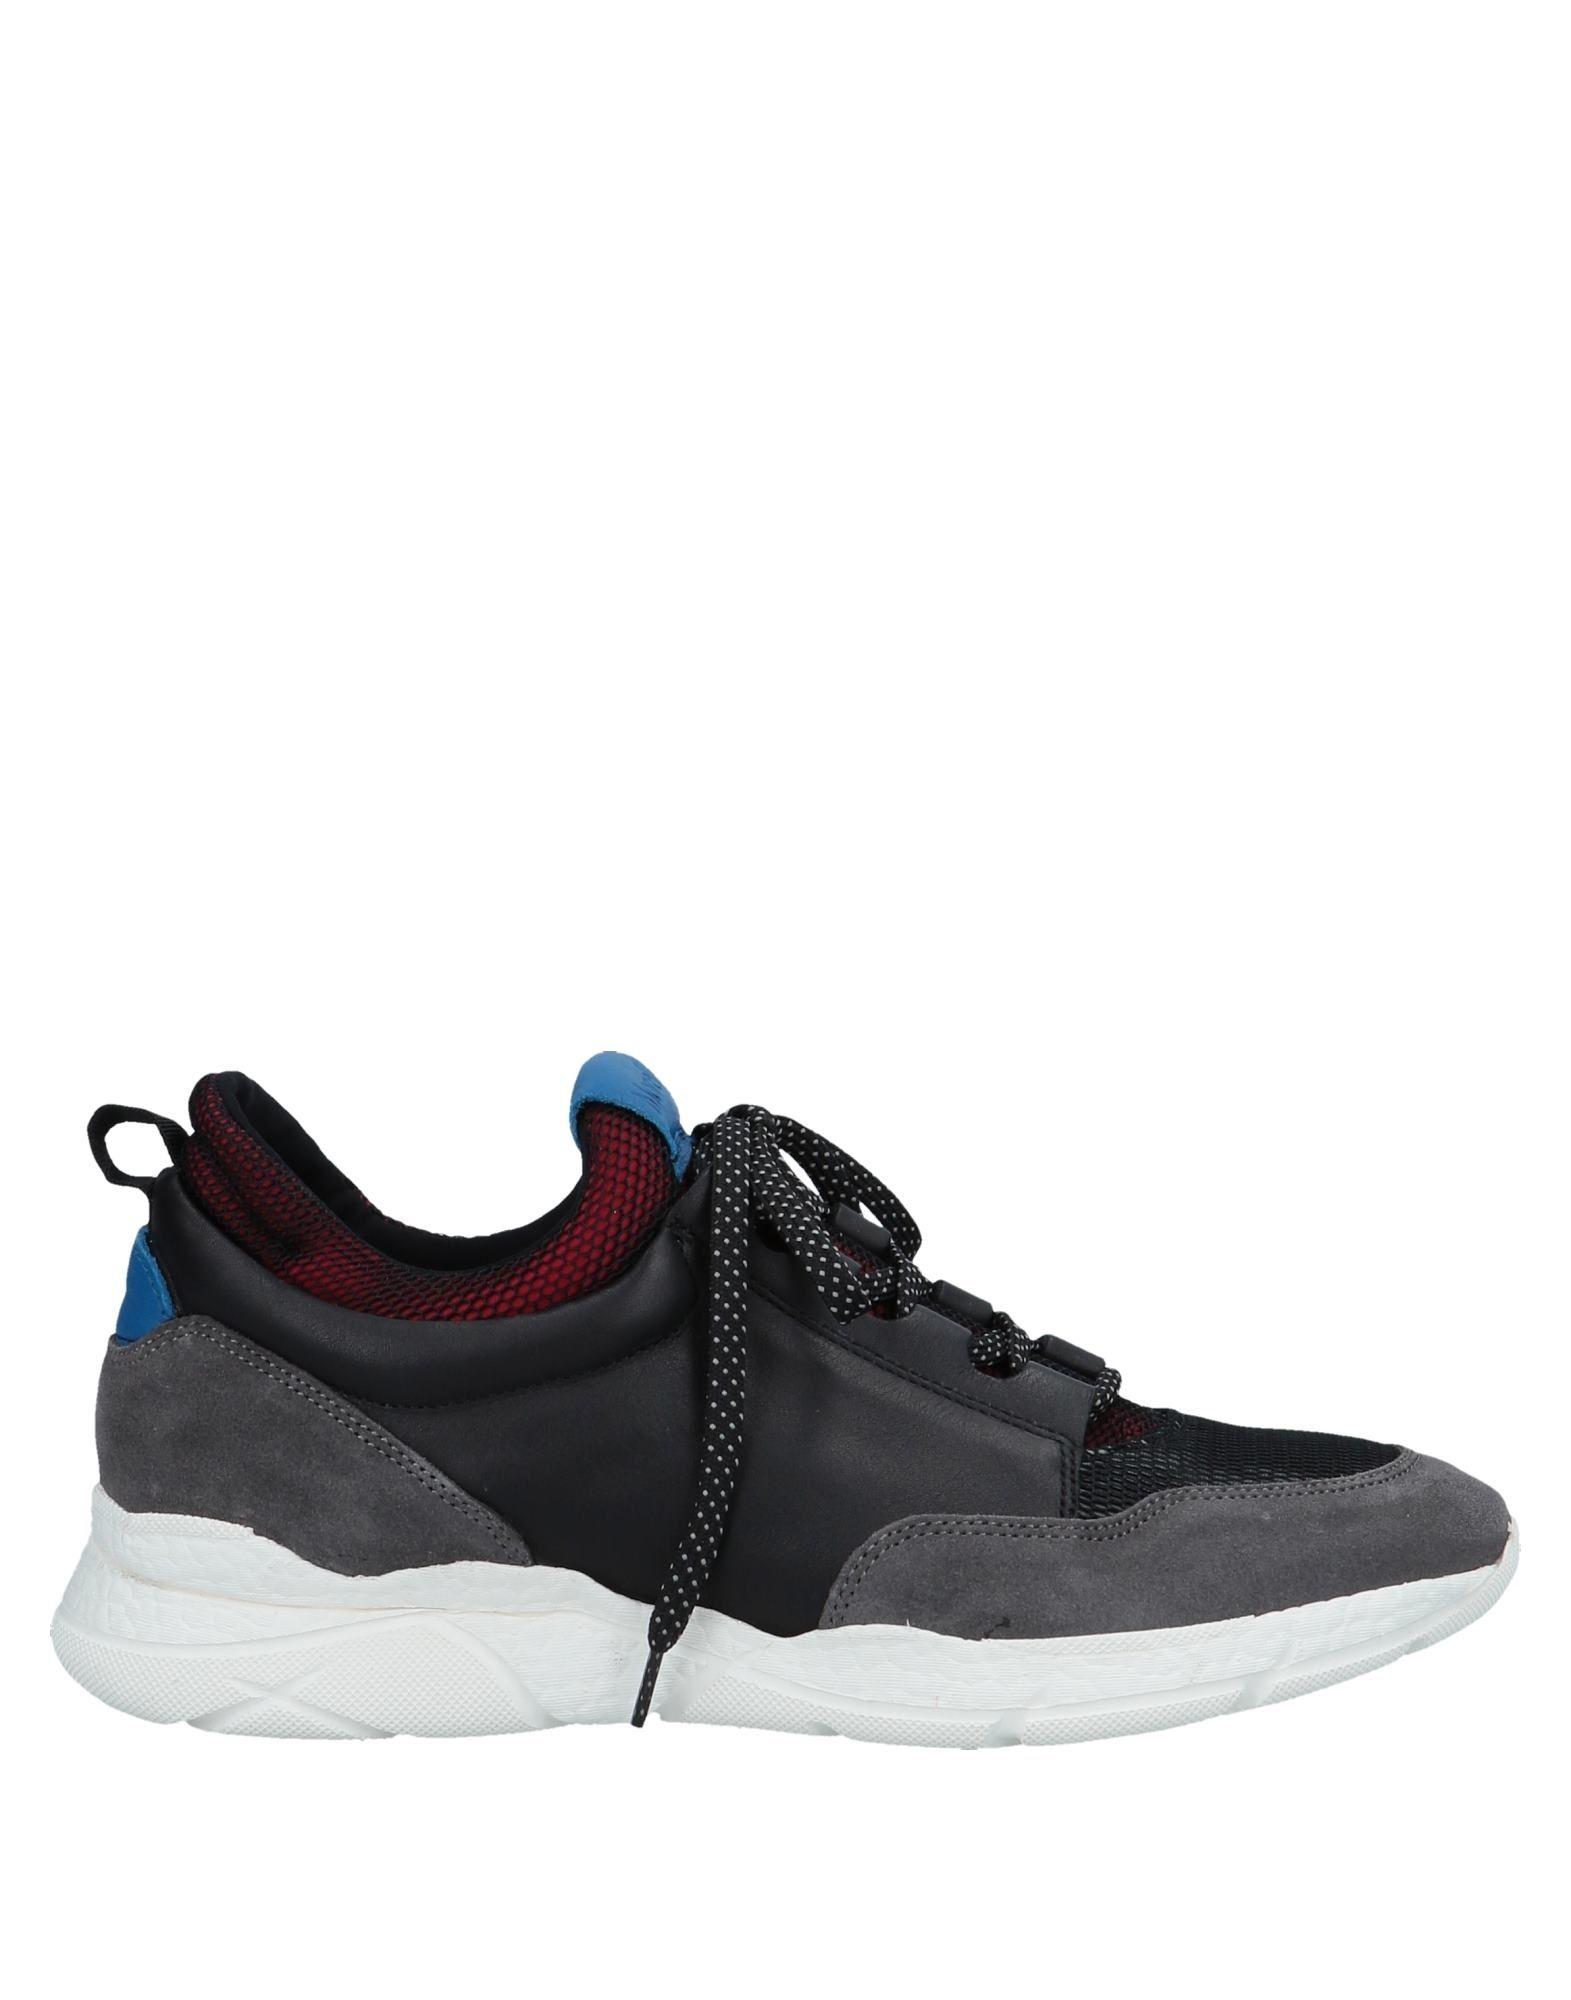 Andrea Morelli Sneakers Sneakers Sneakers - Men Andrea Morelli Sneakers online on  Canada - 11560567JV 7cf744